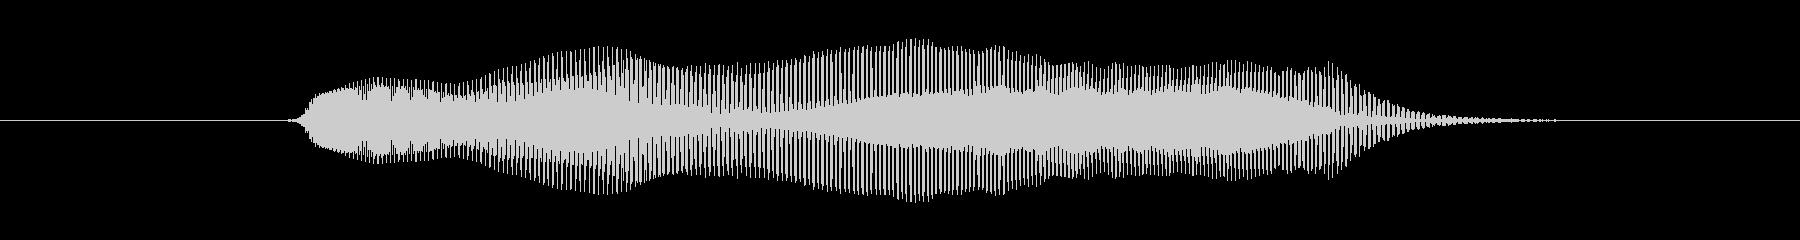 うわぁっ!の未再生の波形